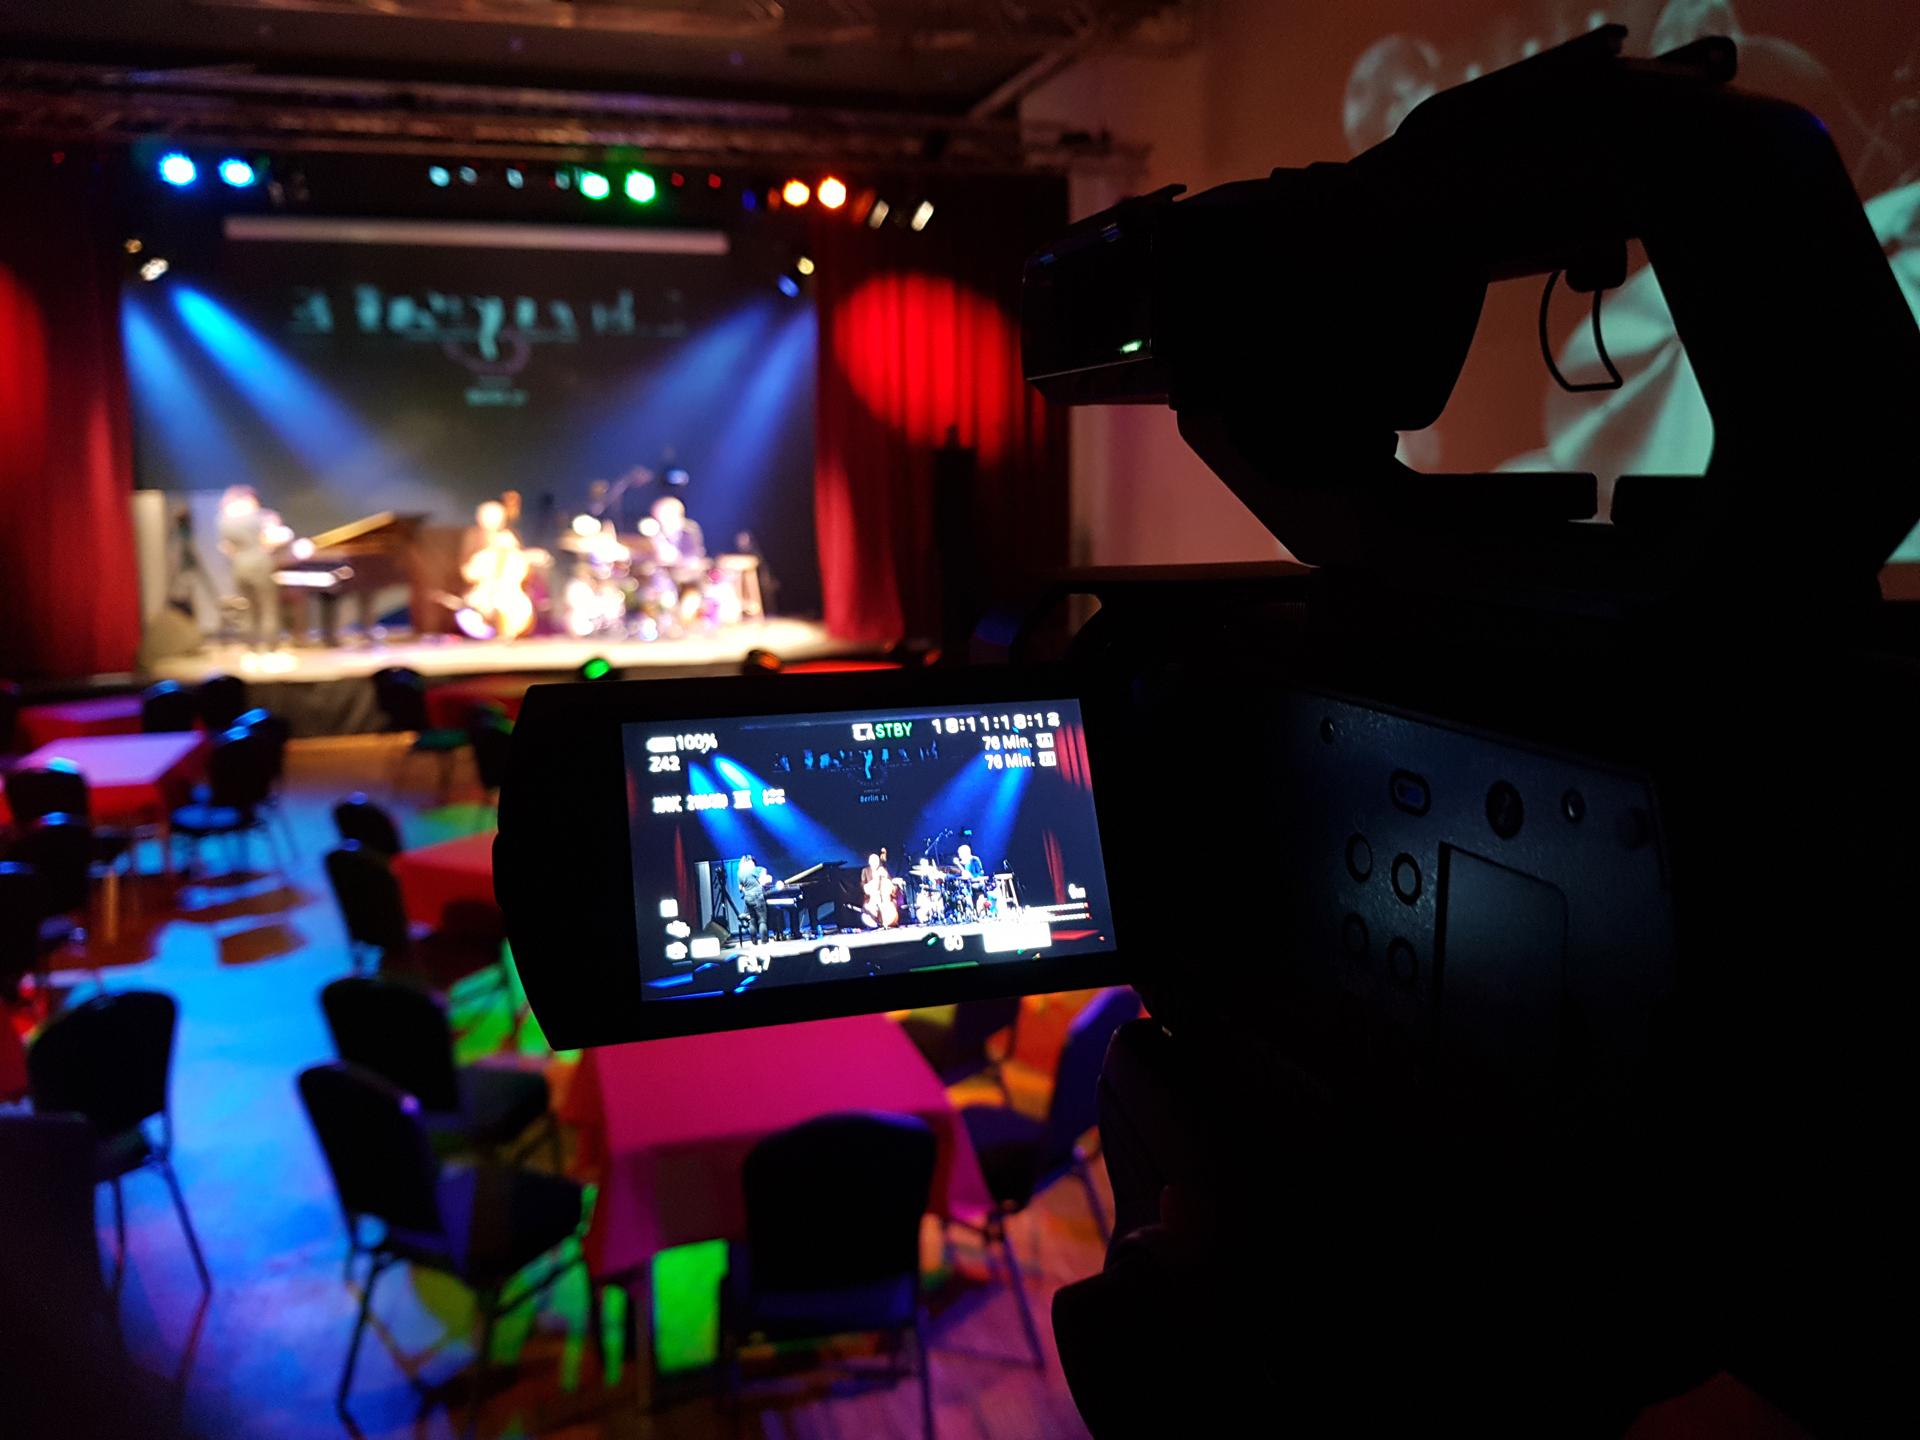 Konzert Aufzeichnung Berlin 21